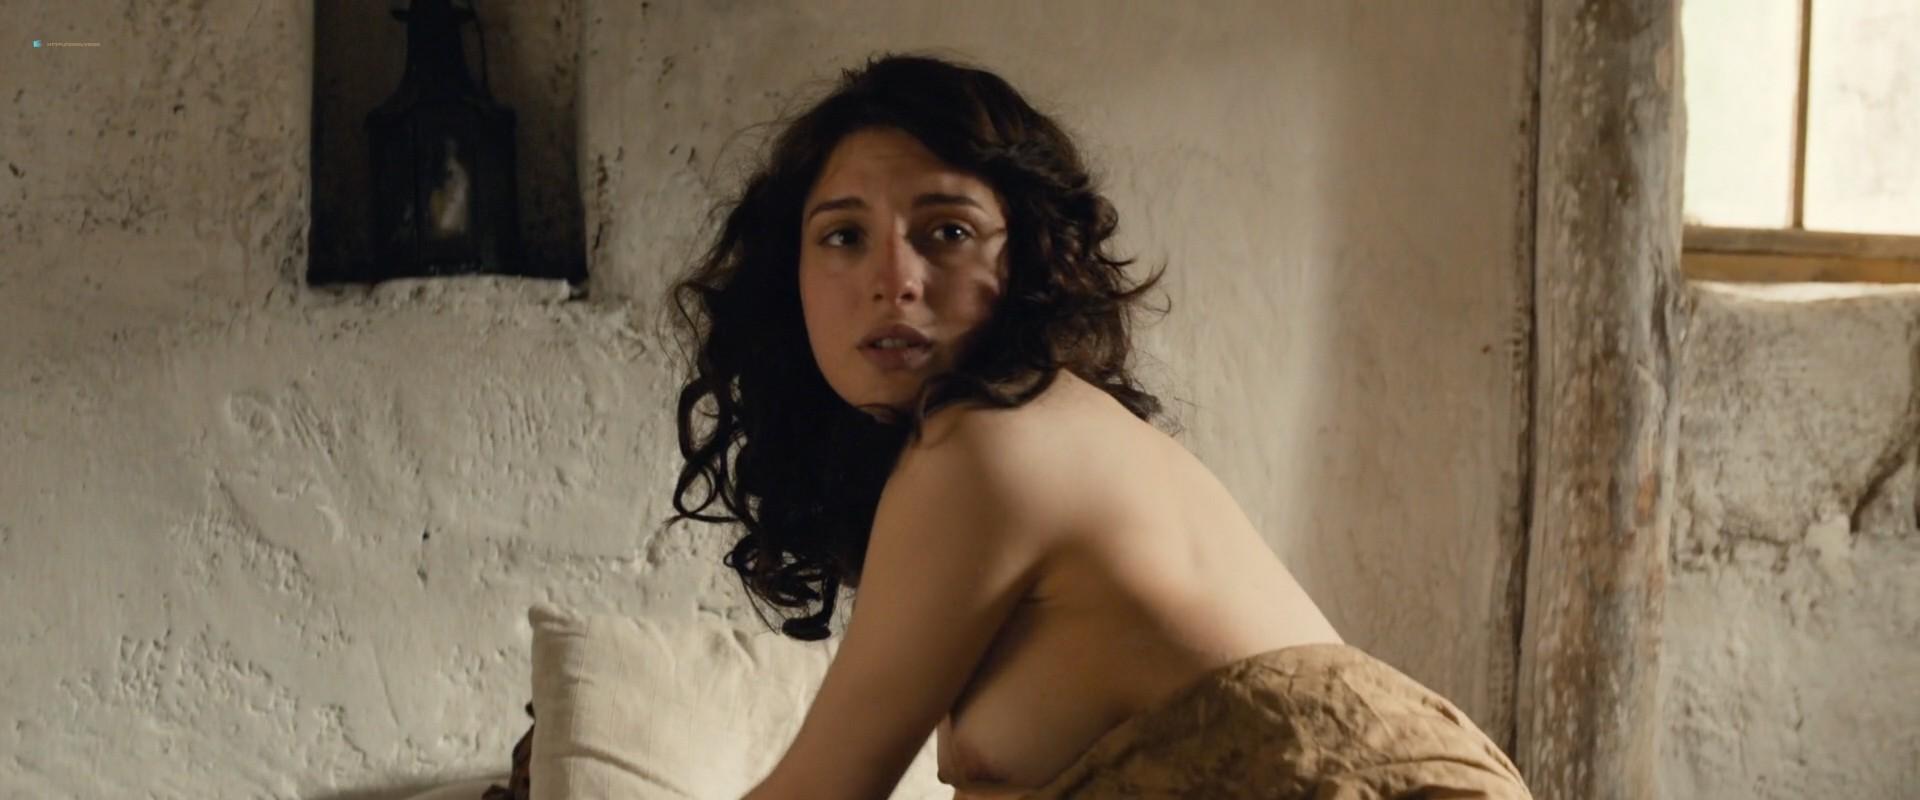 Maria Valverde belleza